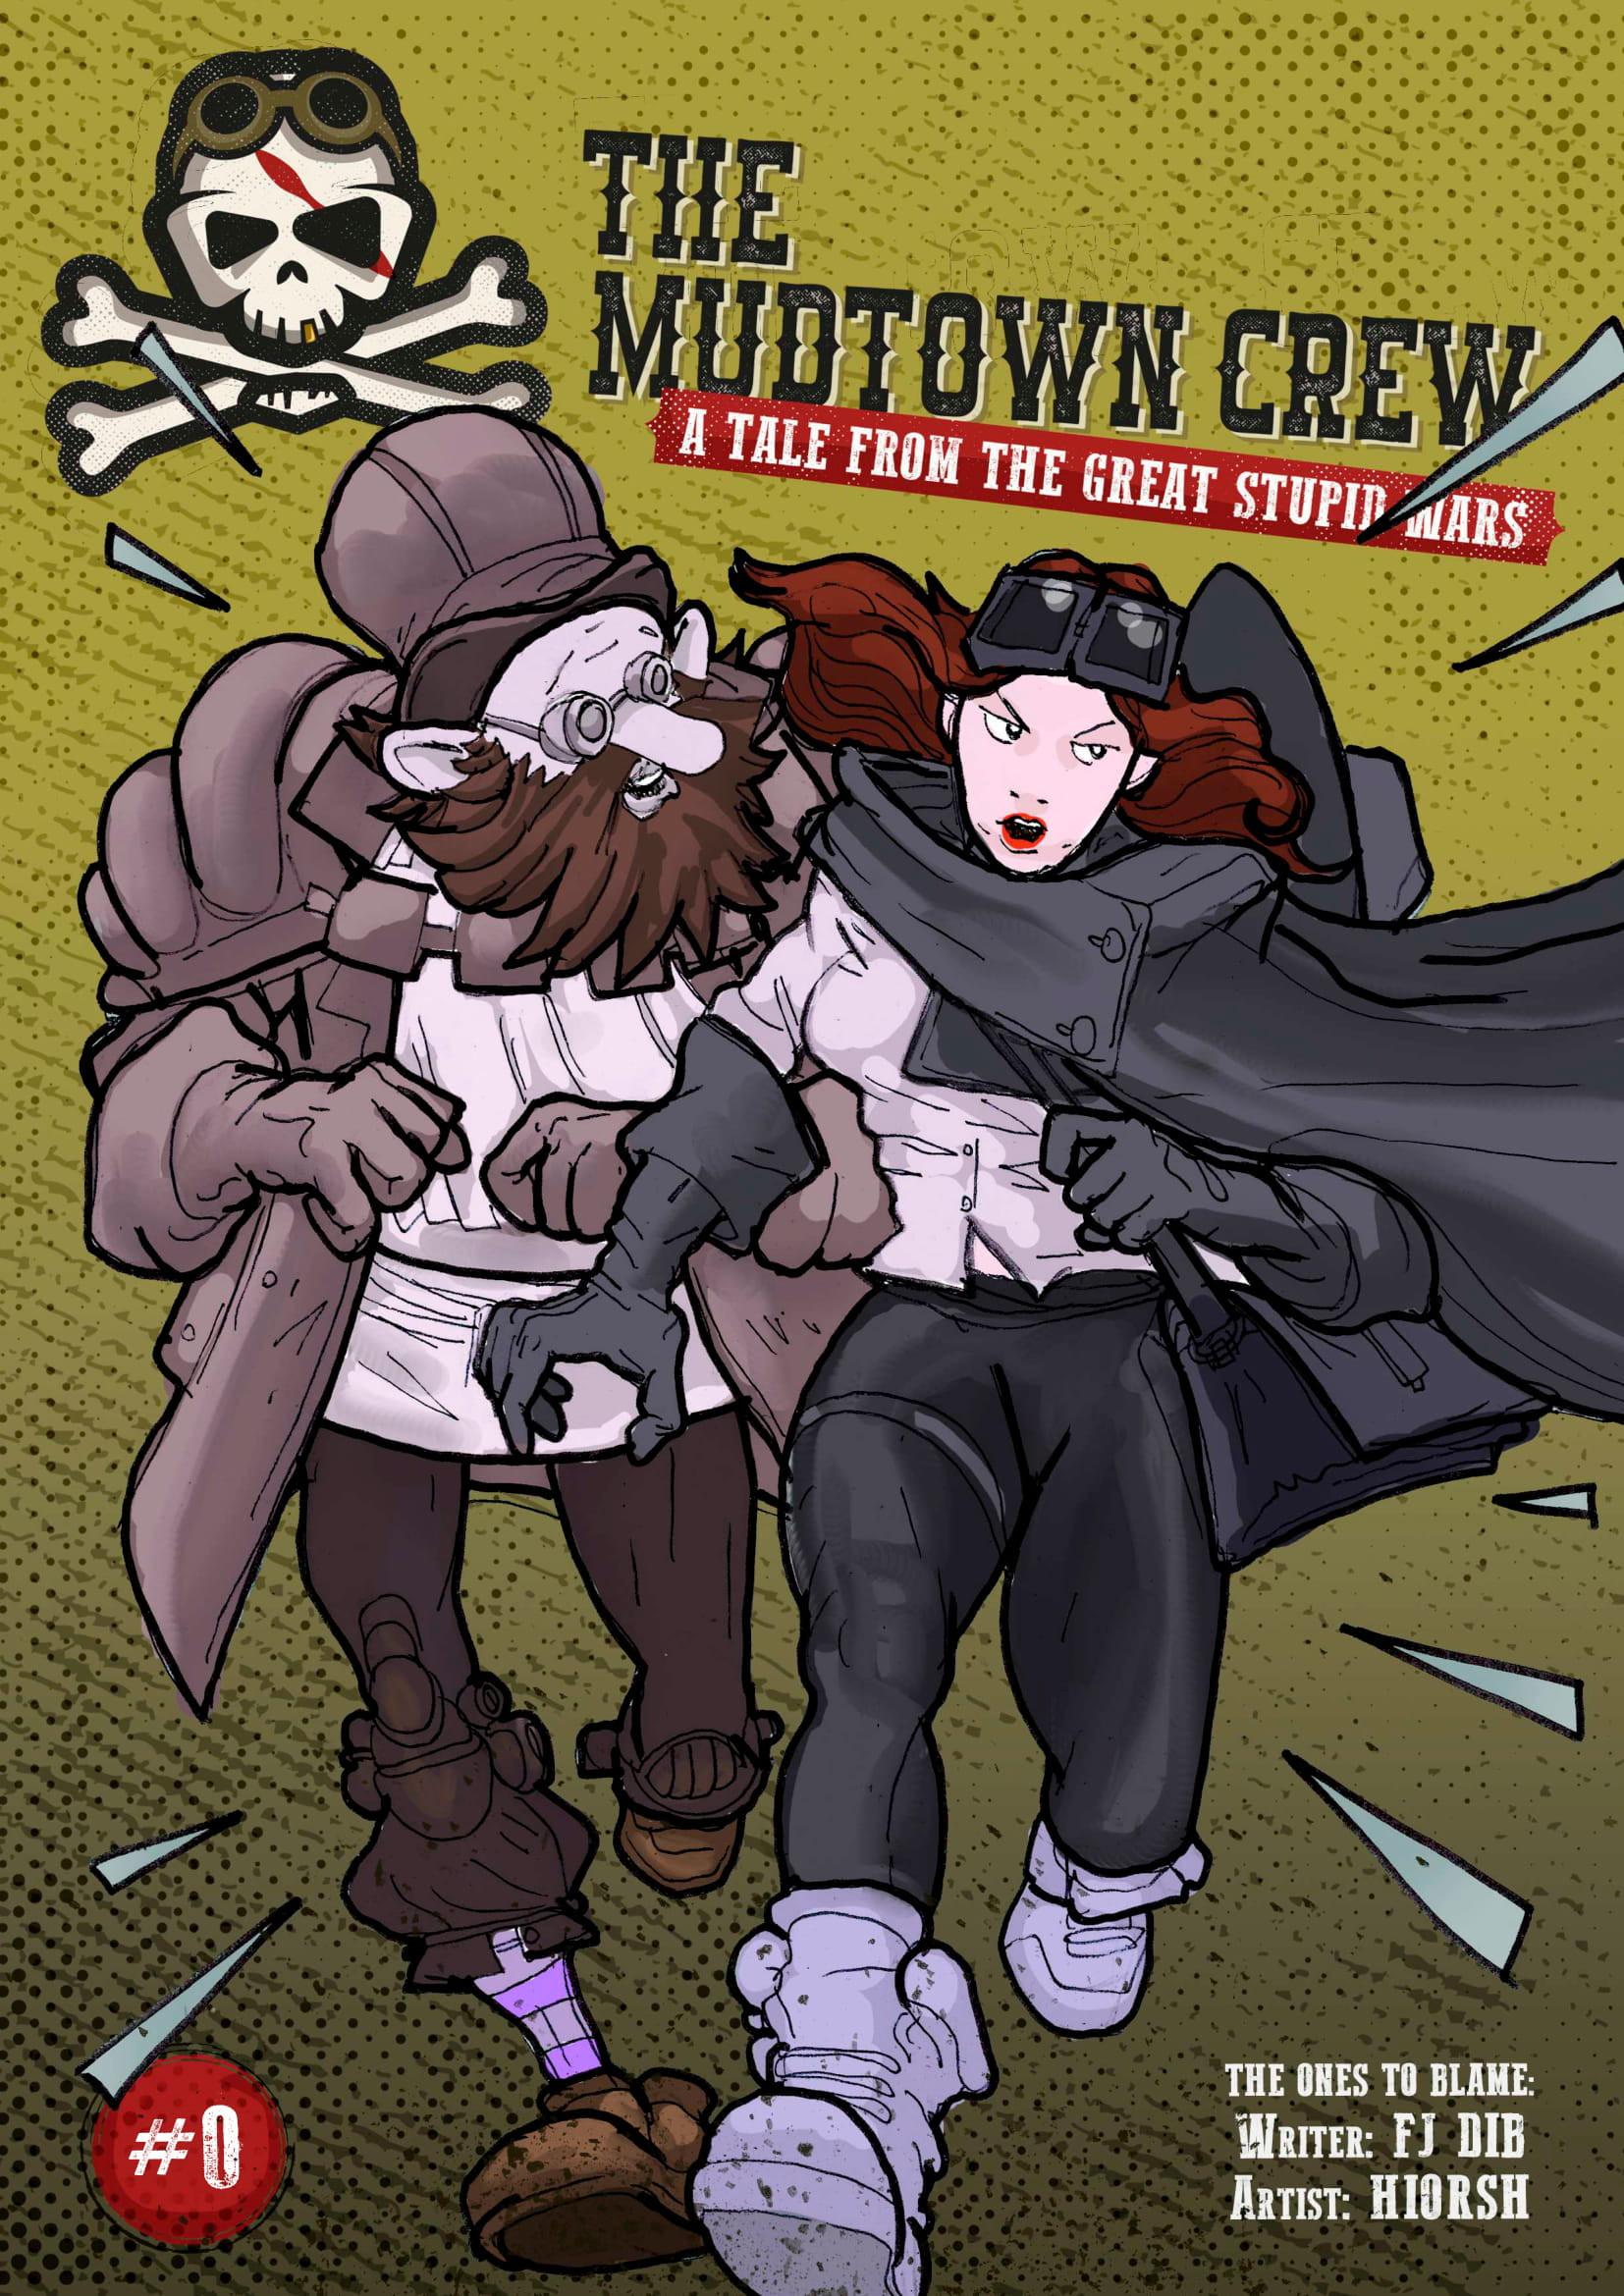 The MudTown Crew Issue_0-01.jpg